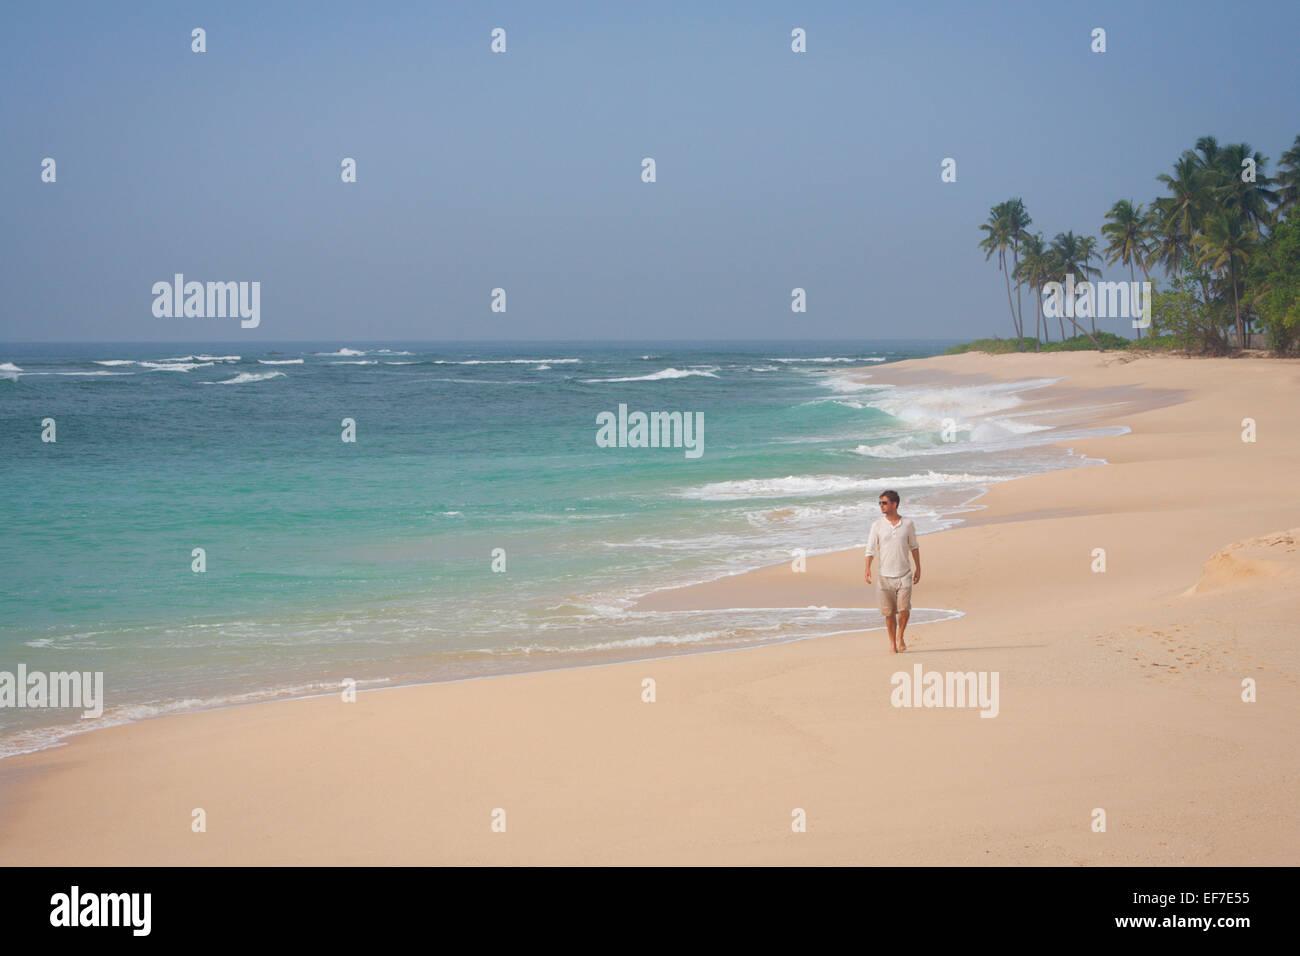 TOURIST ON DESERTED BEACH NEAR MIRISSA - Stock Image